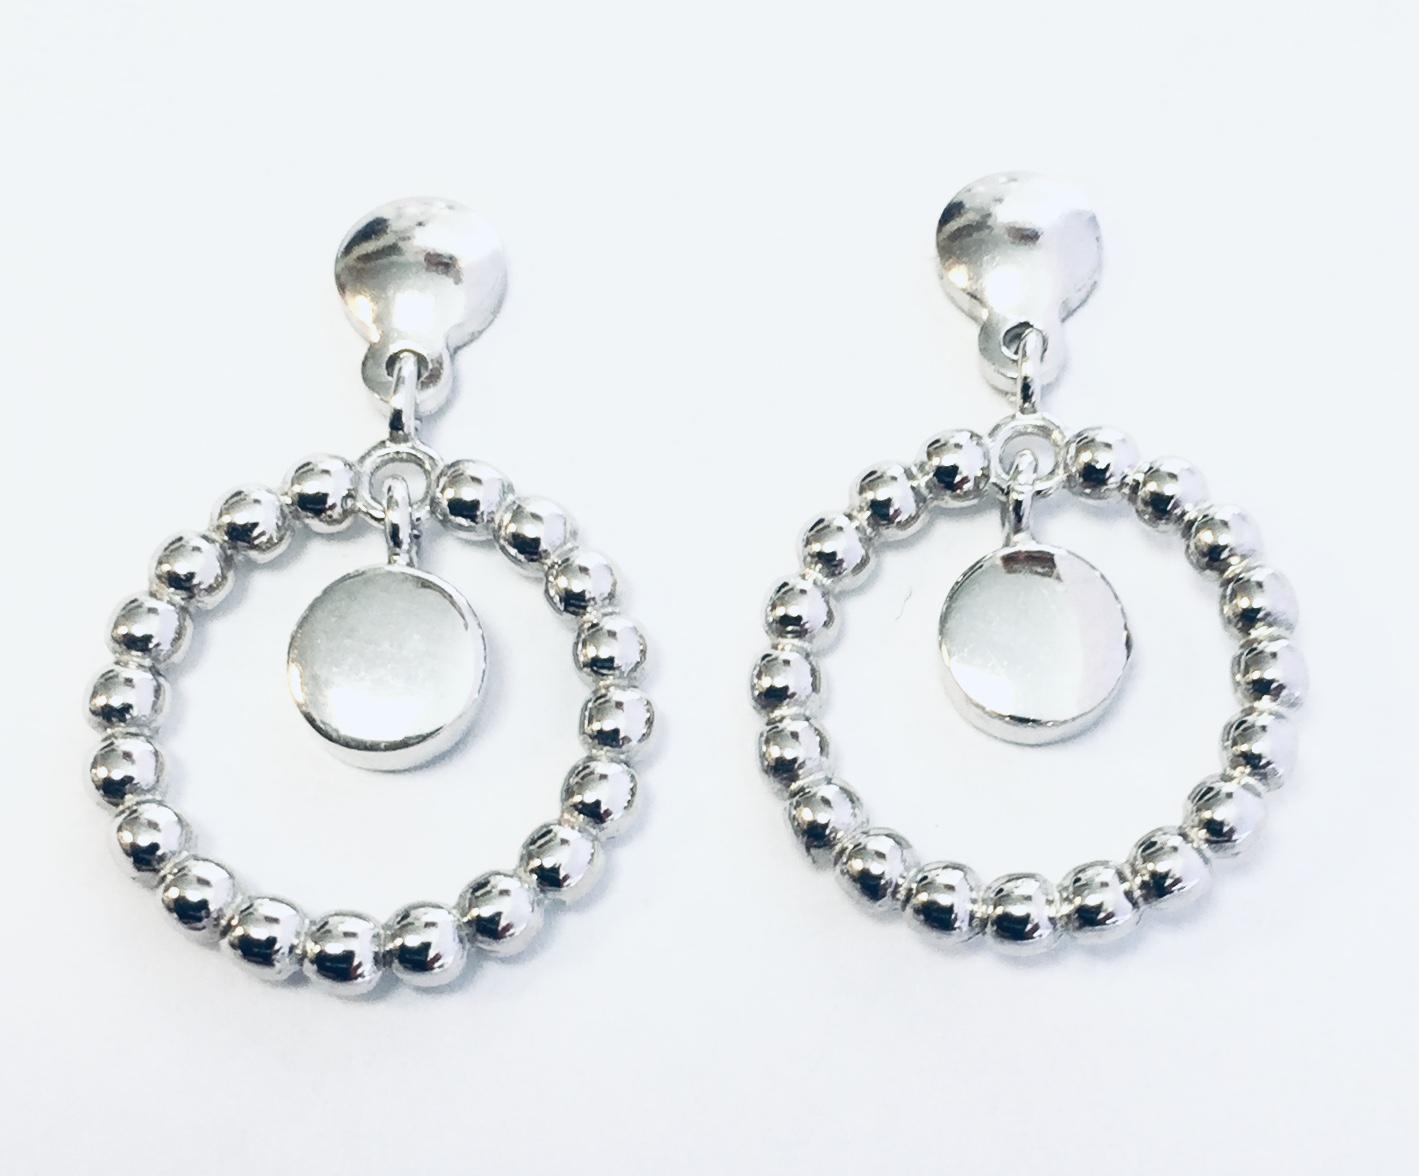 Øreheng rh.sølv sirkel av kuler